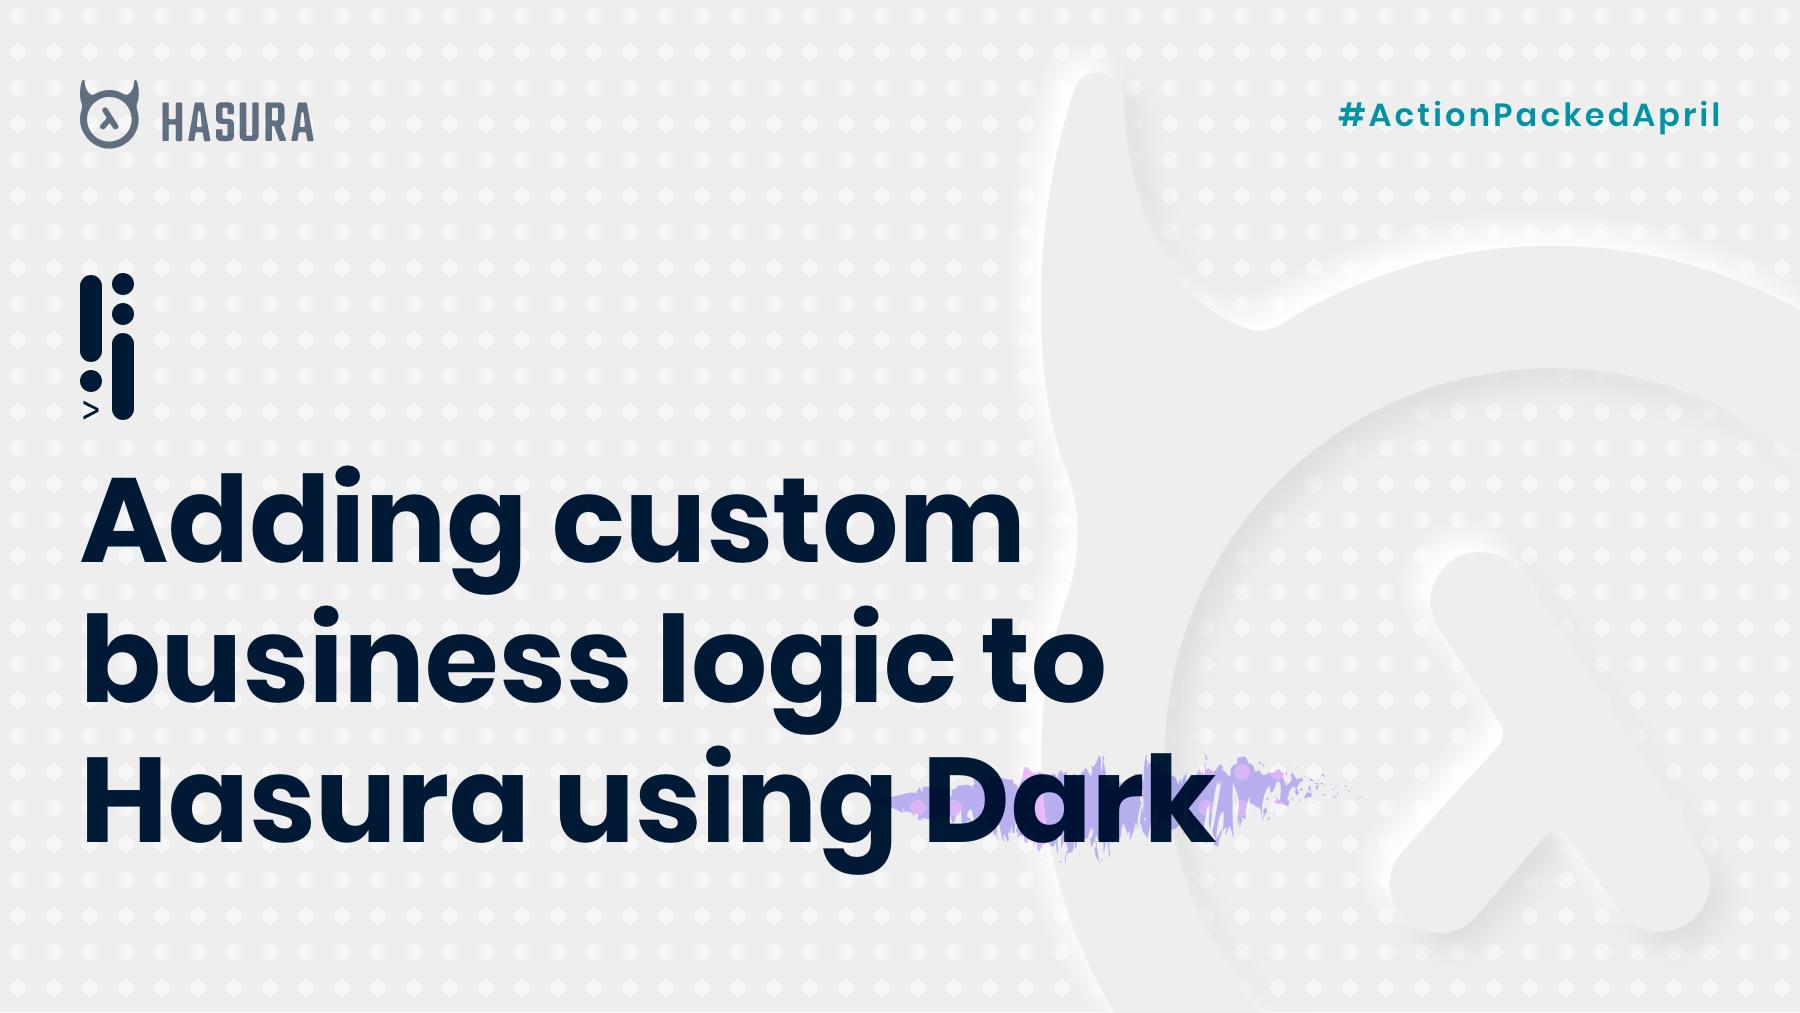 Adding custom business logic to Hasura using Dark